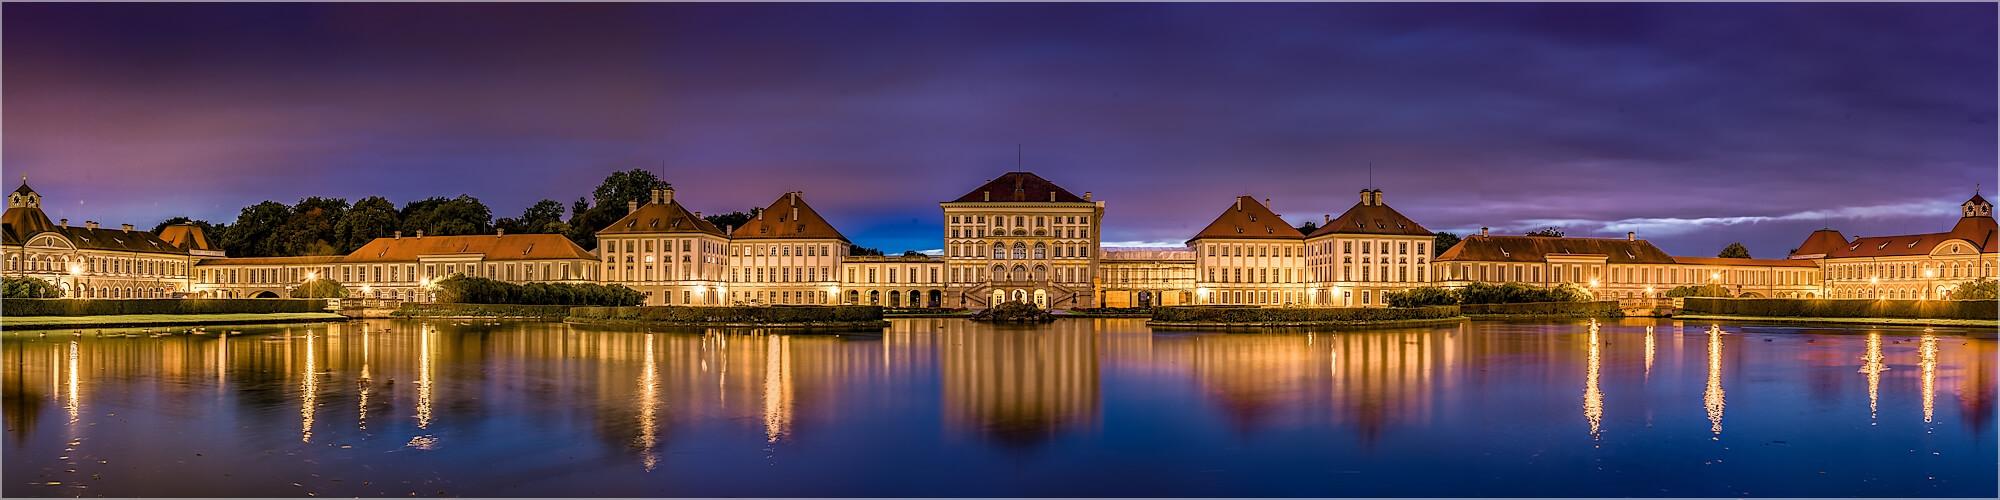 Panoramabild München Nymphenburger Schloss